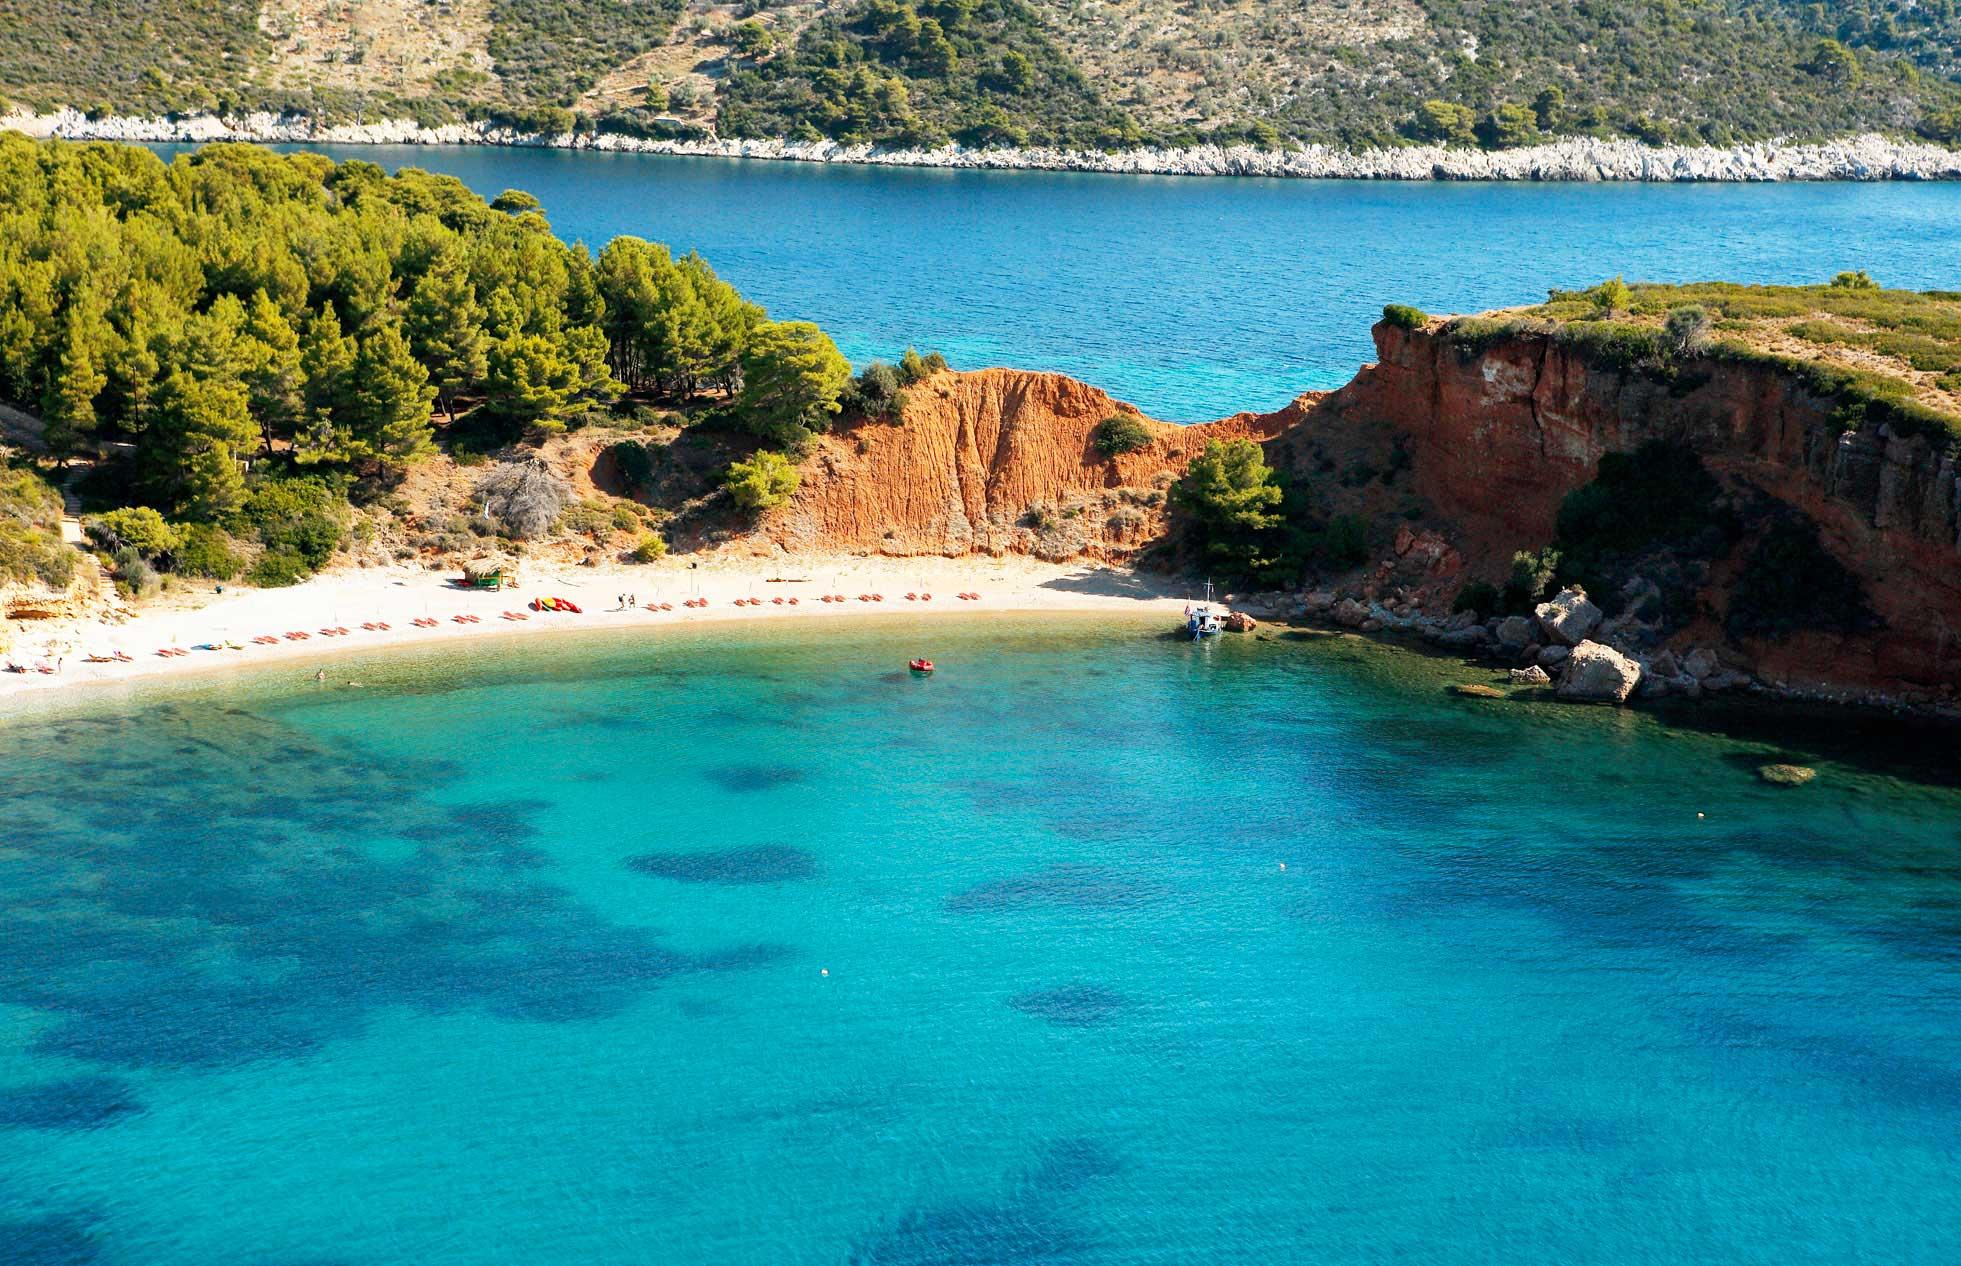 narodny-park-alonissos-marine-secret-world